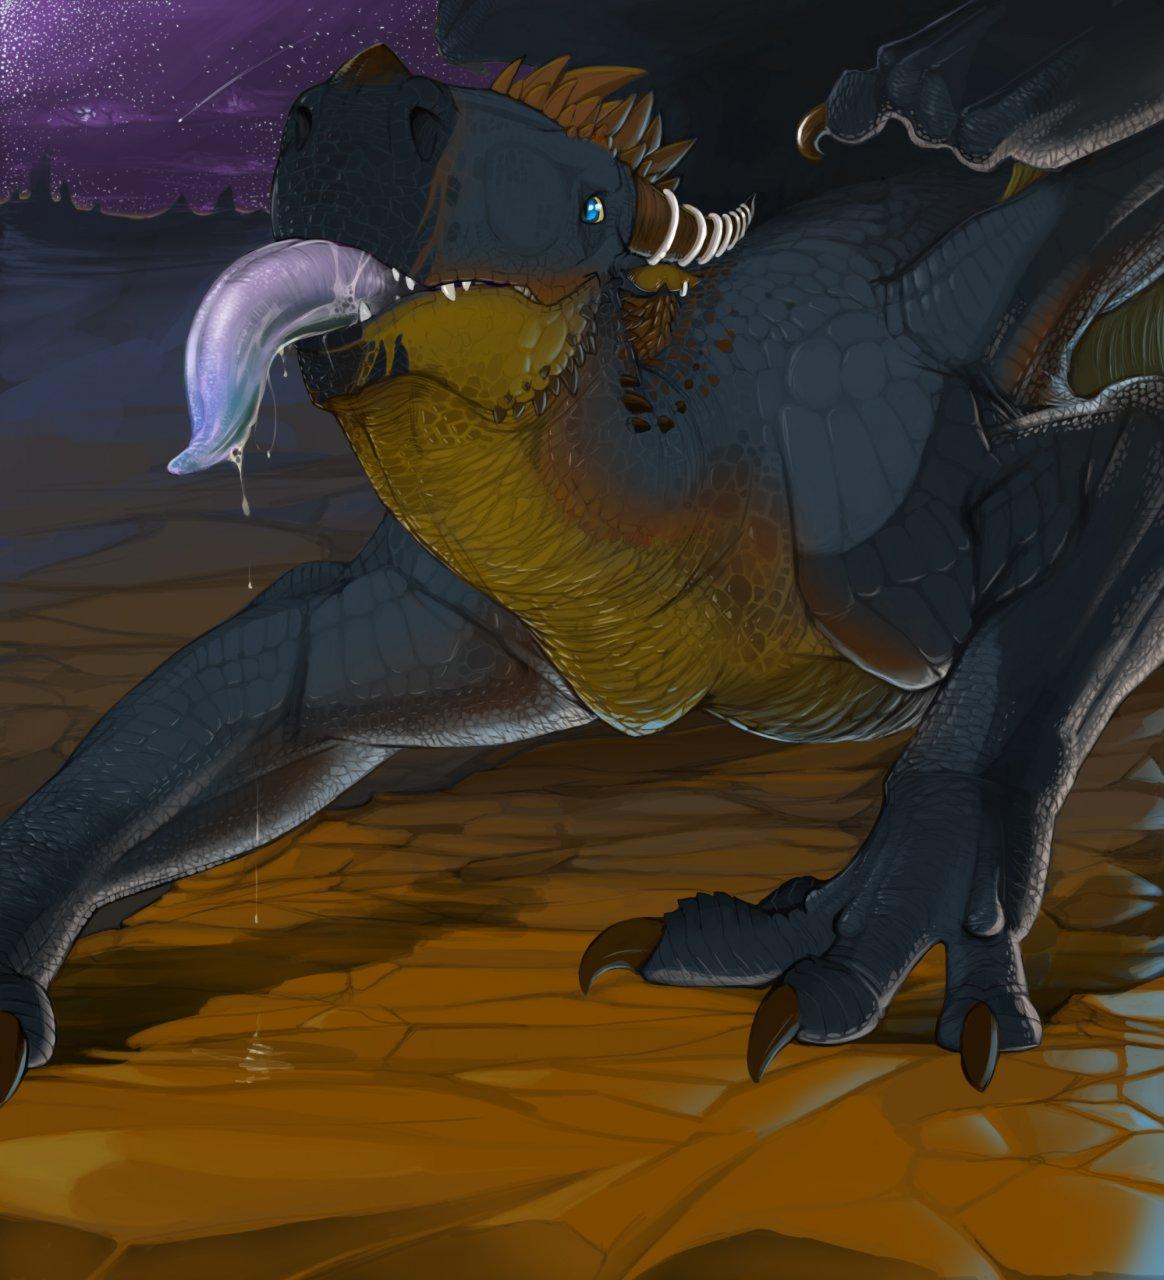 Solo female bad dragon x hitachi edited version